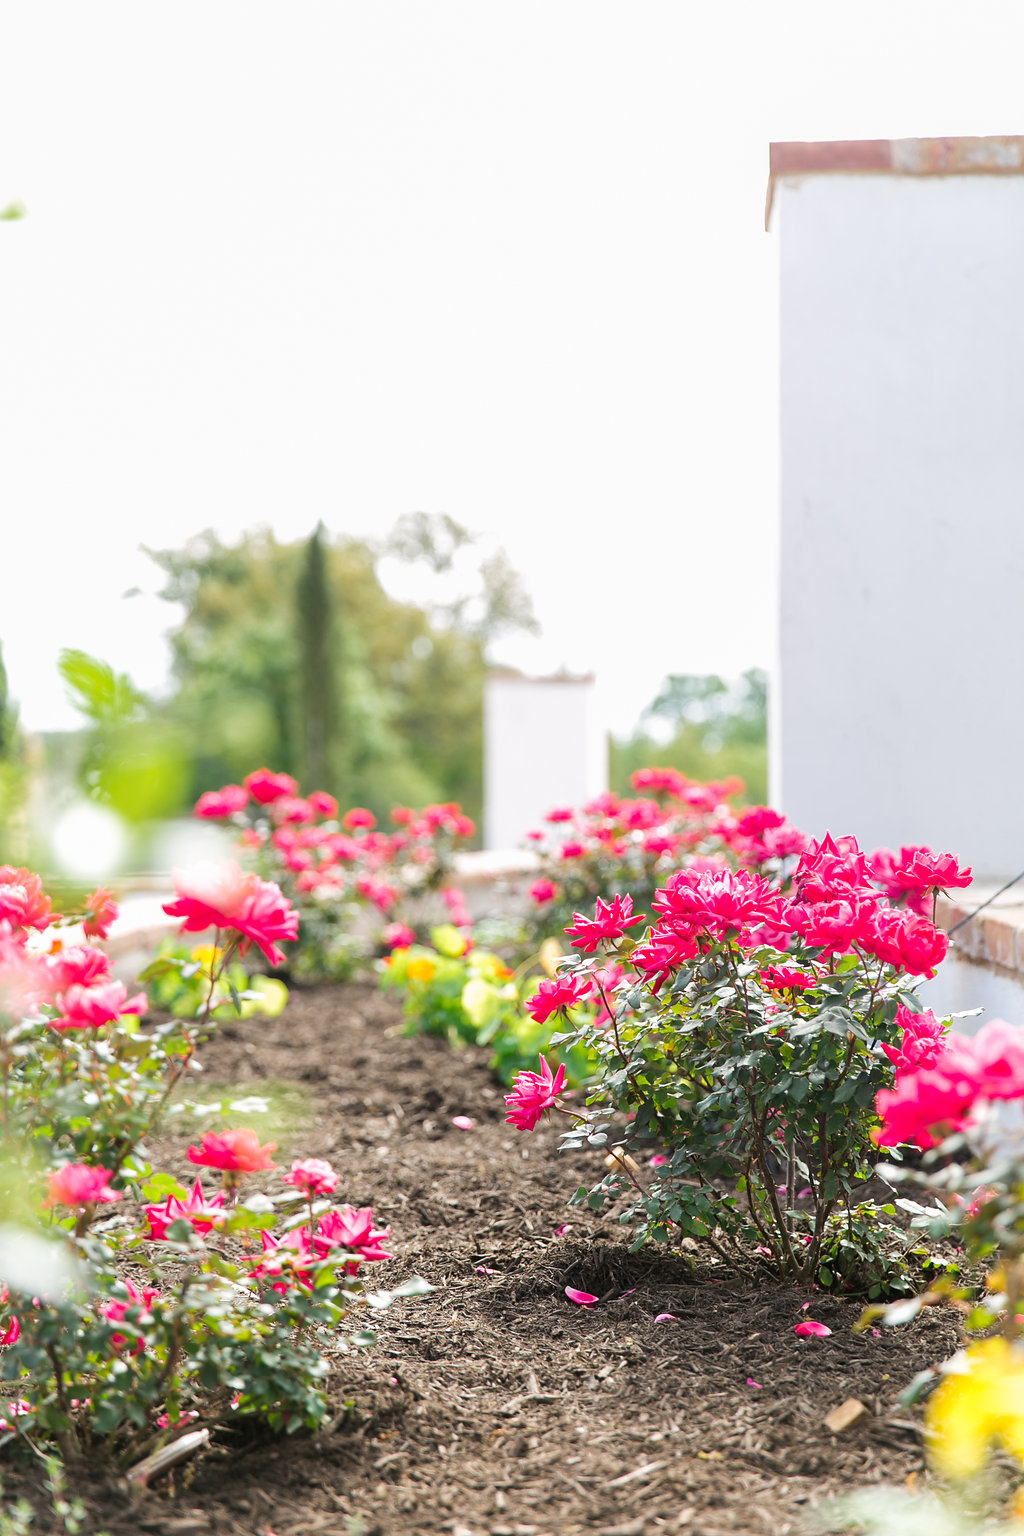 GardenGrove-0046.jpg